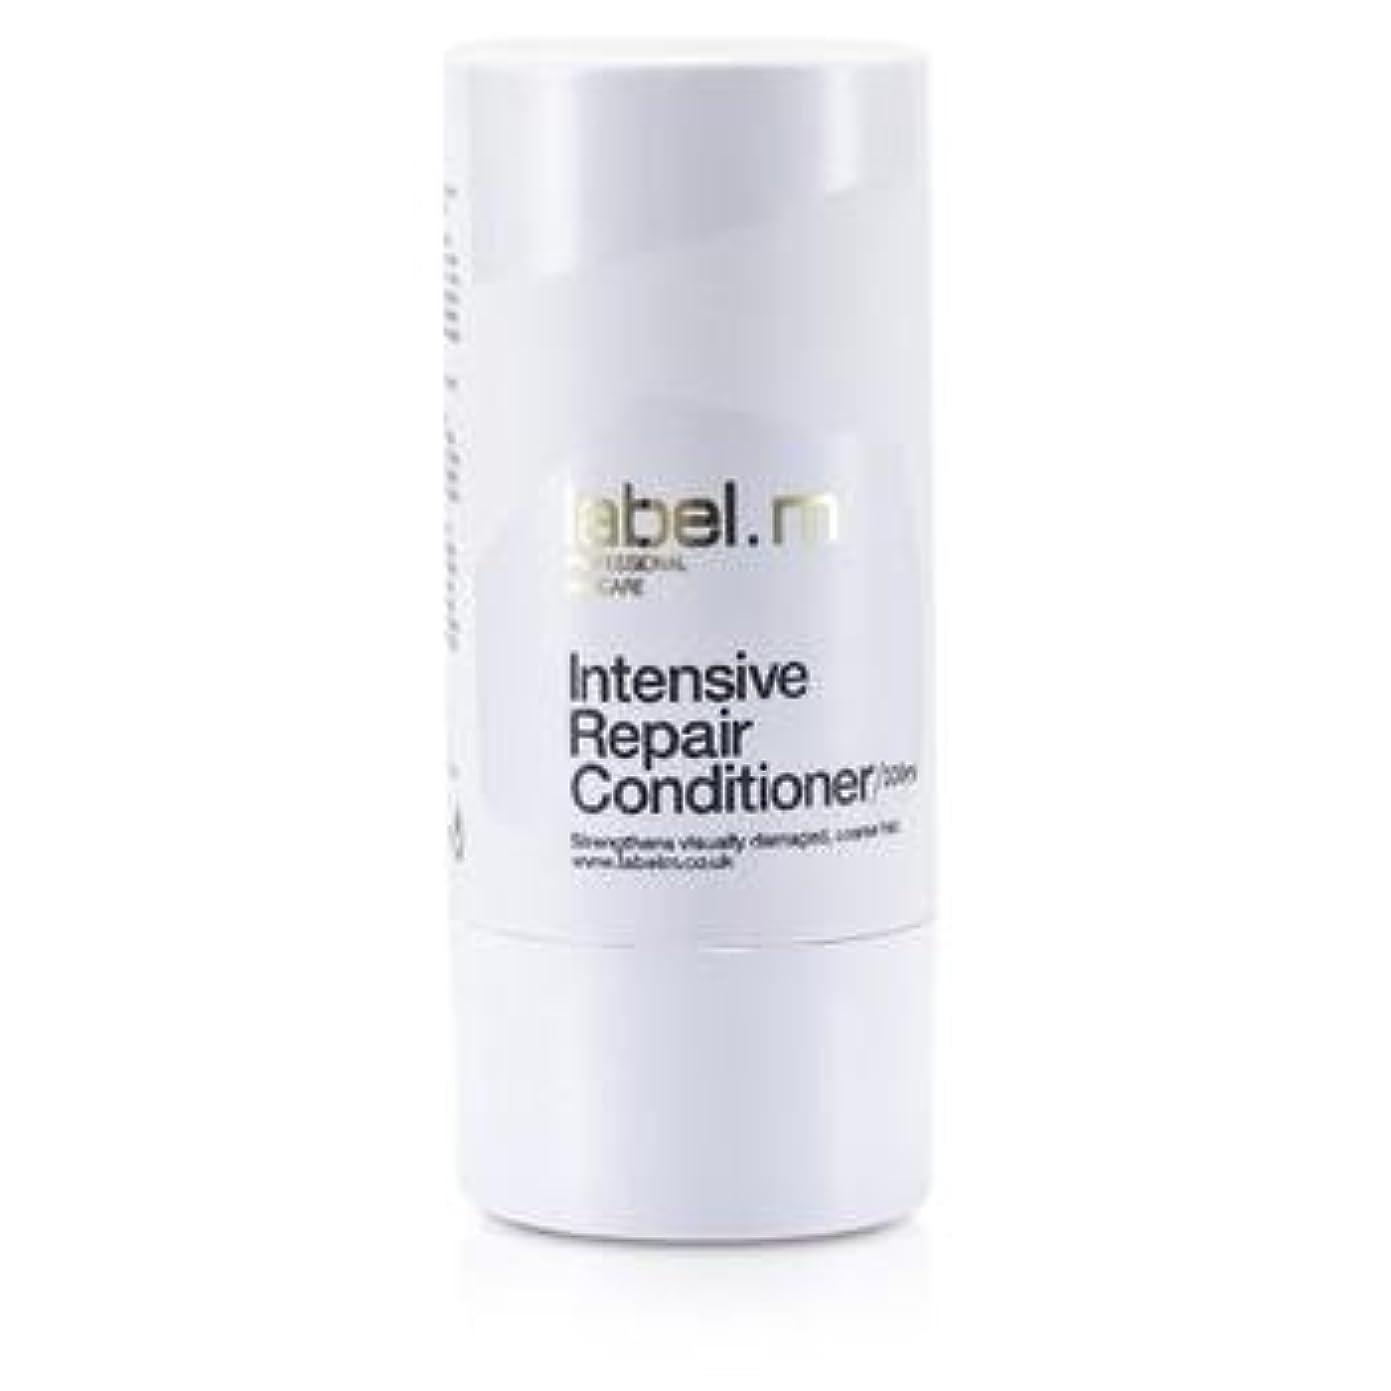 迷路と遊ぶポイントLabel MIntensive Repair Conditioner (For Visually Damaged, Coarse Hair) 300ml/10.1oz【海外直送品】